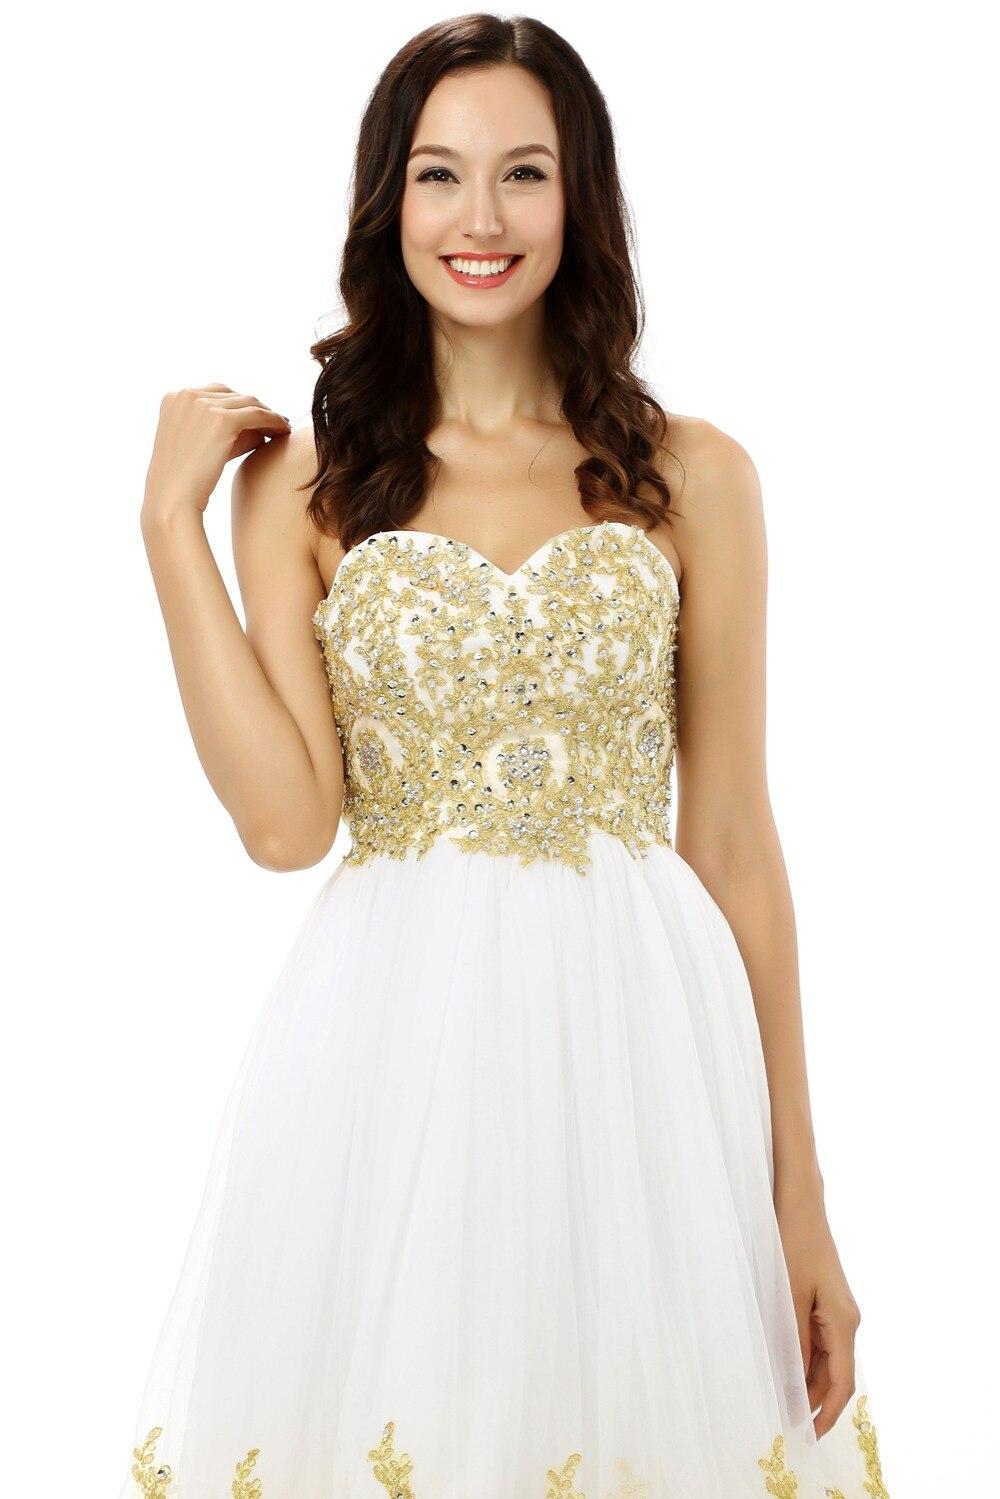 361838b0153 Élégant 2019 retour robes a ligne chérie court Mini Tulle Appliques  cristaux petite robe blanche robes de Cocktail dans Homecoming Robes de  Mariages et ...